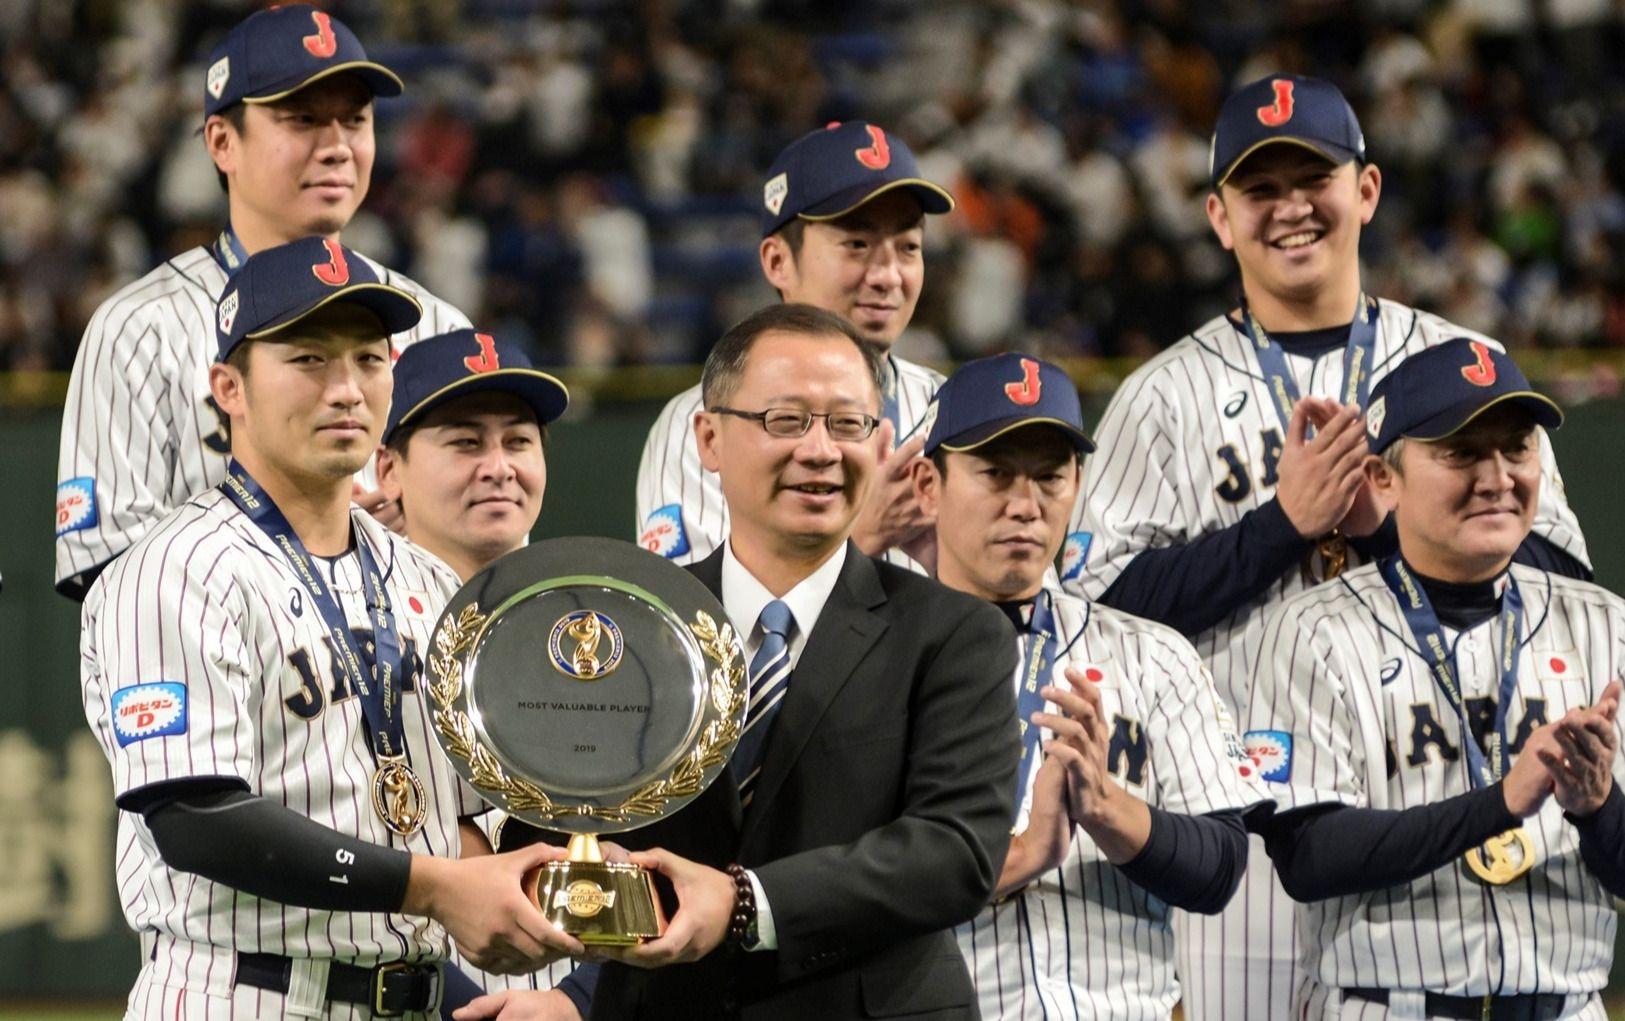 Аутфилдерът на японския национален отбор Сейя Сузуки беше обявен за